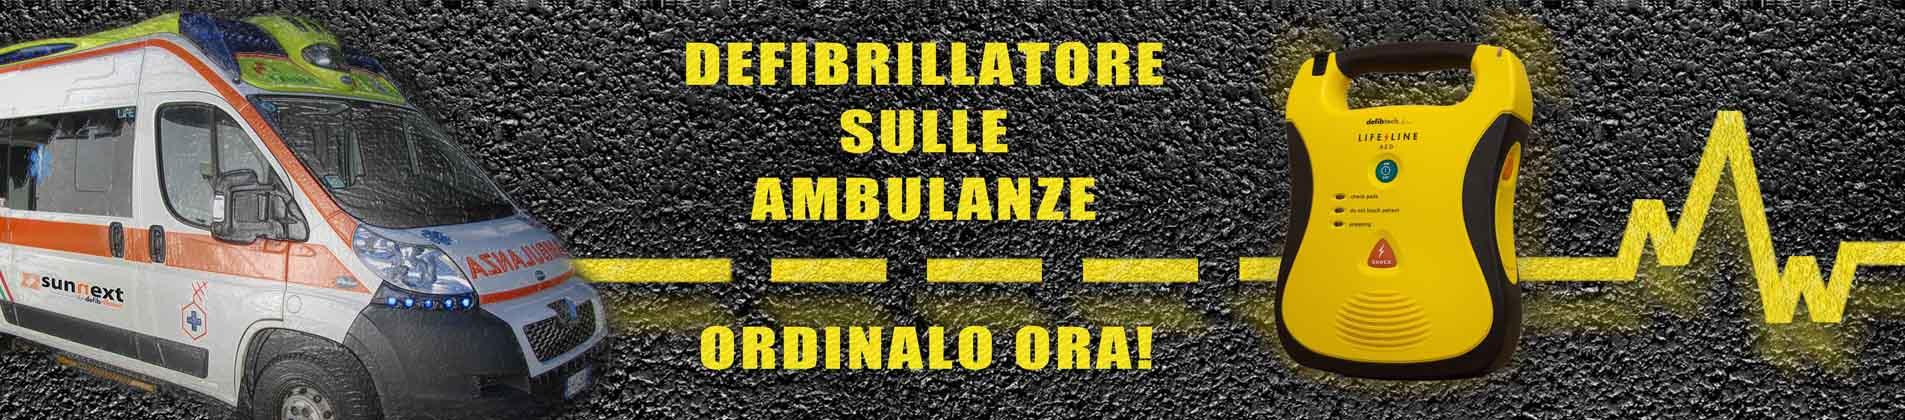 defibrillatore-slider5